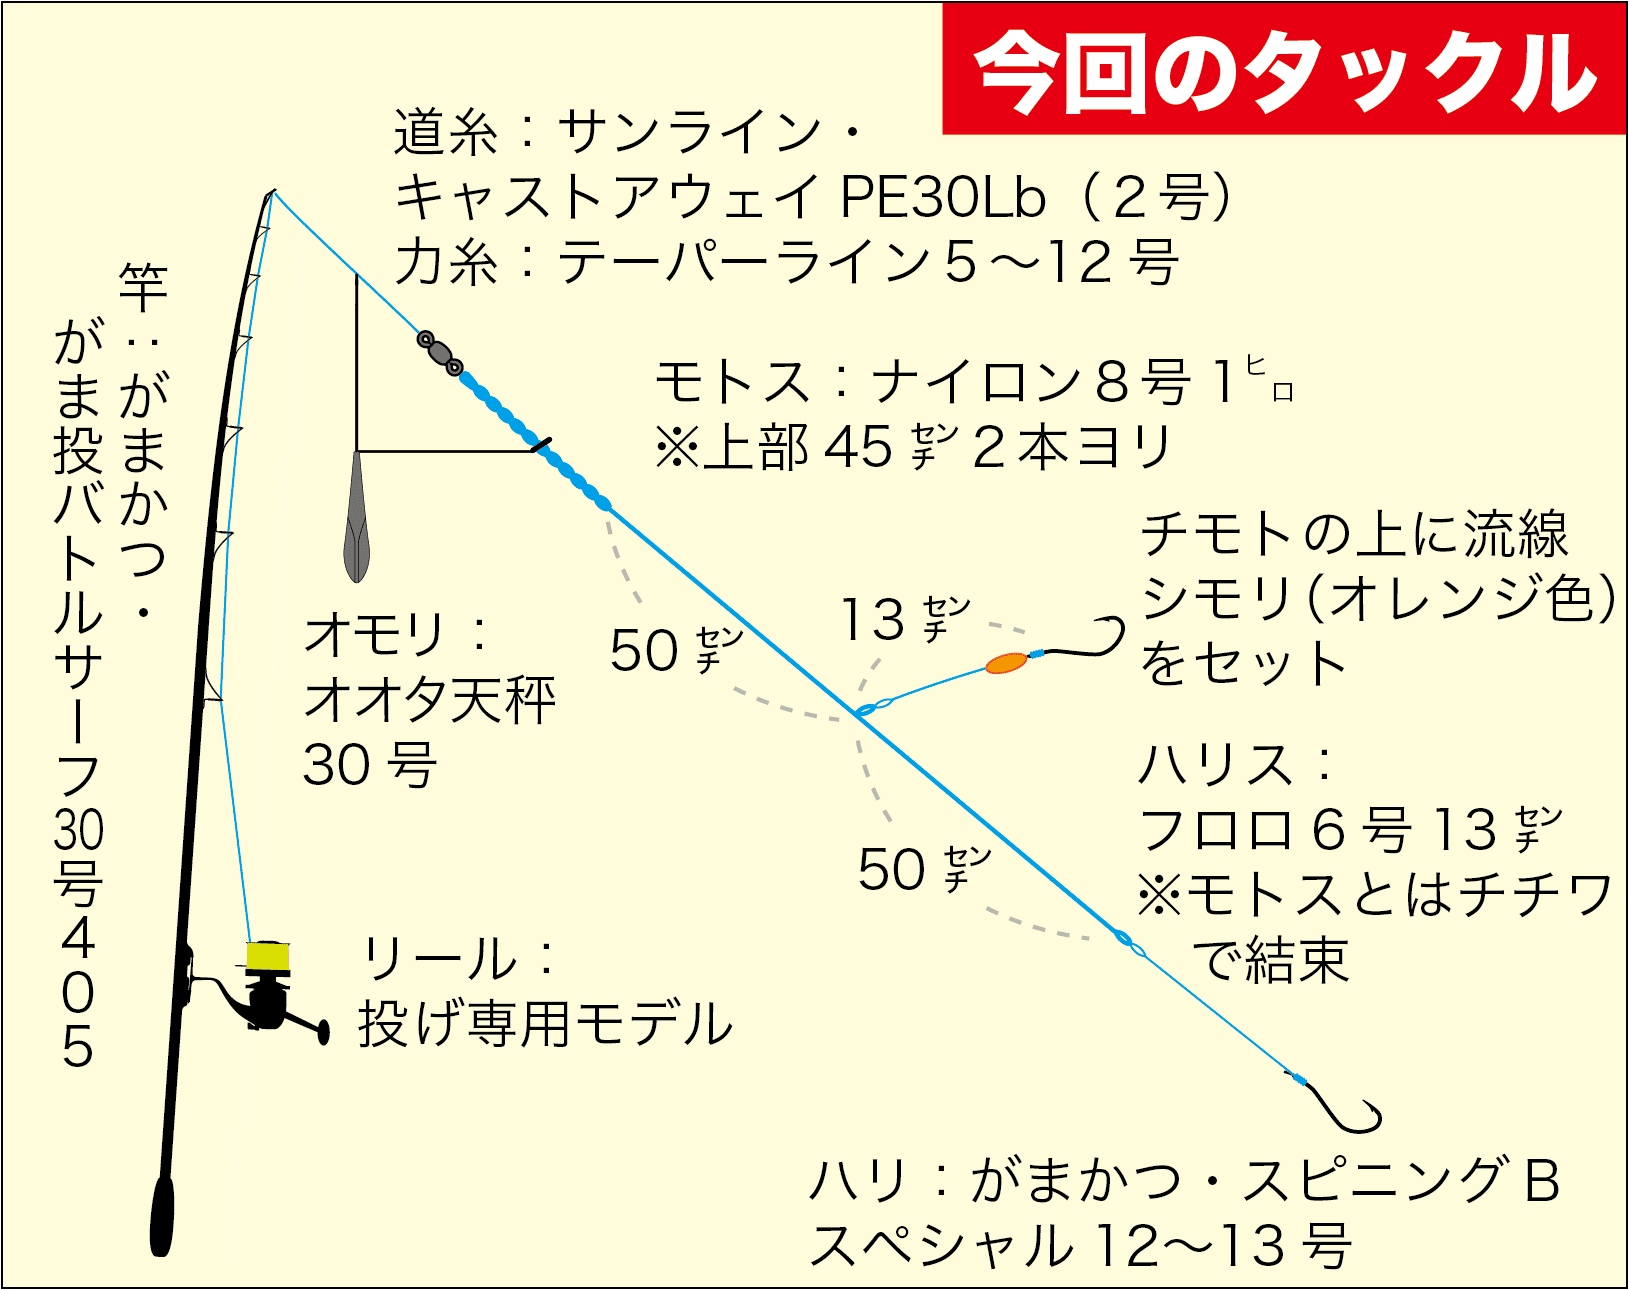 キャスターズ串本カワハギ15-19